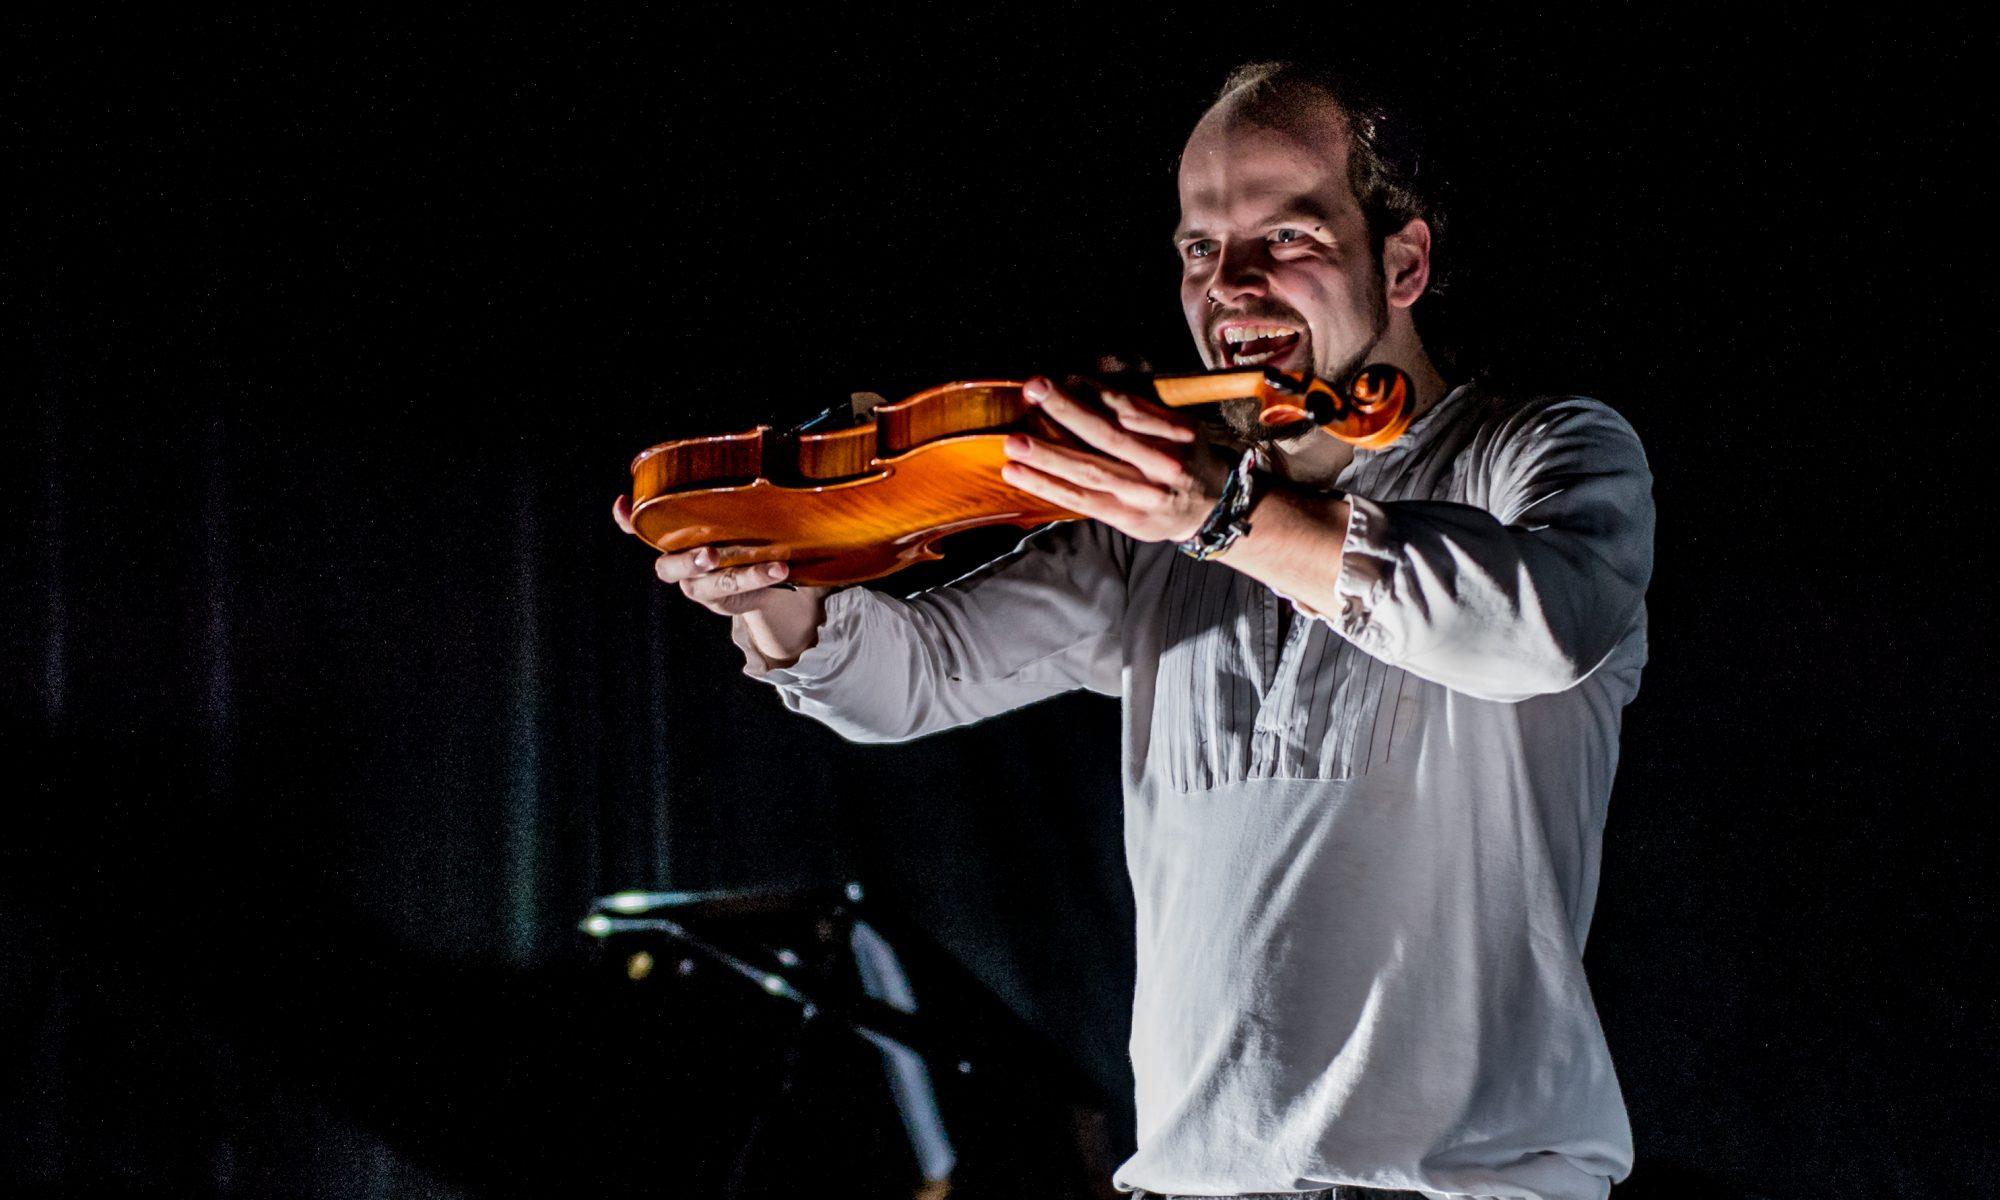 Pascal Zurek